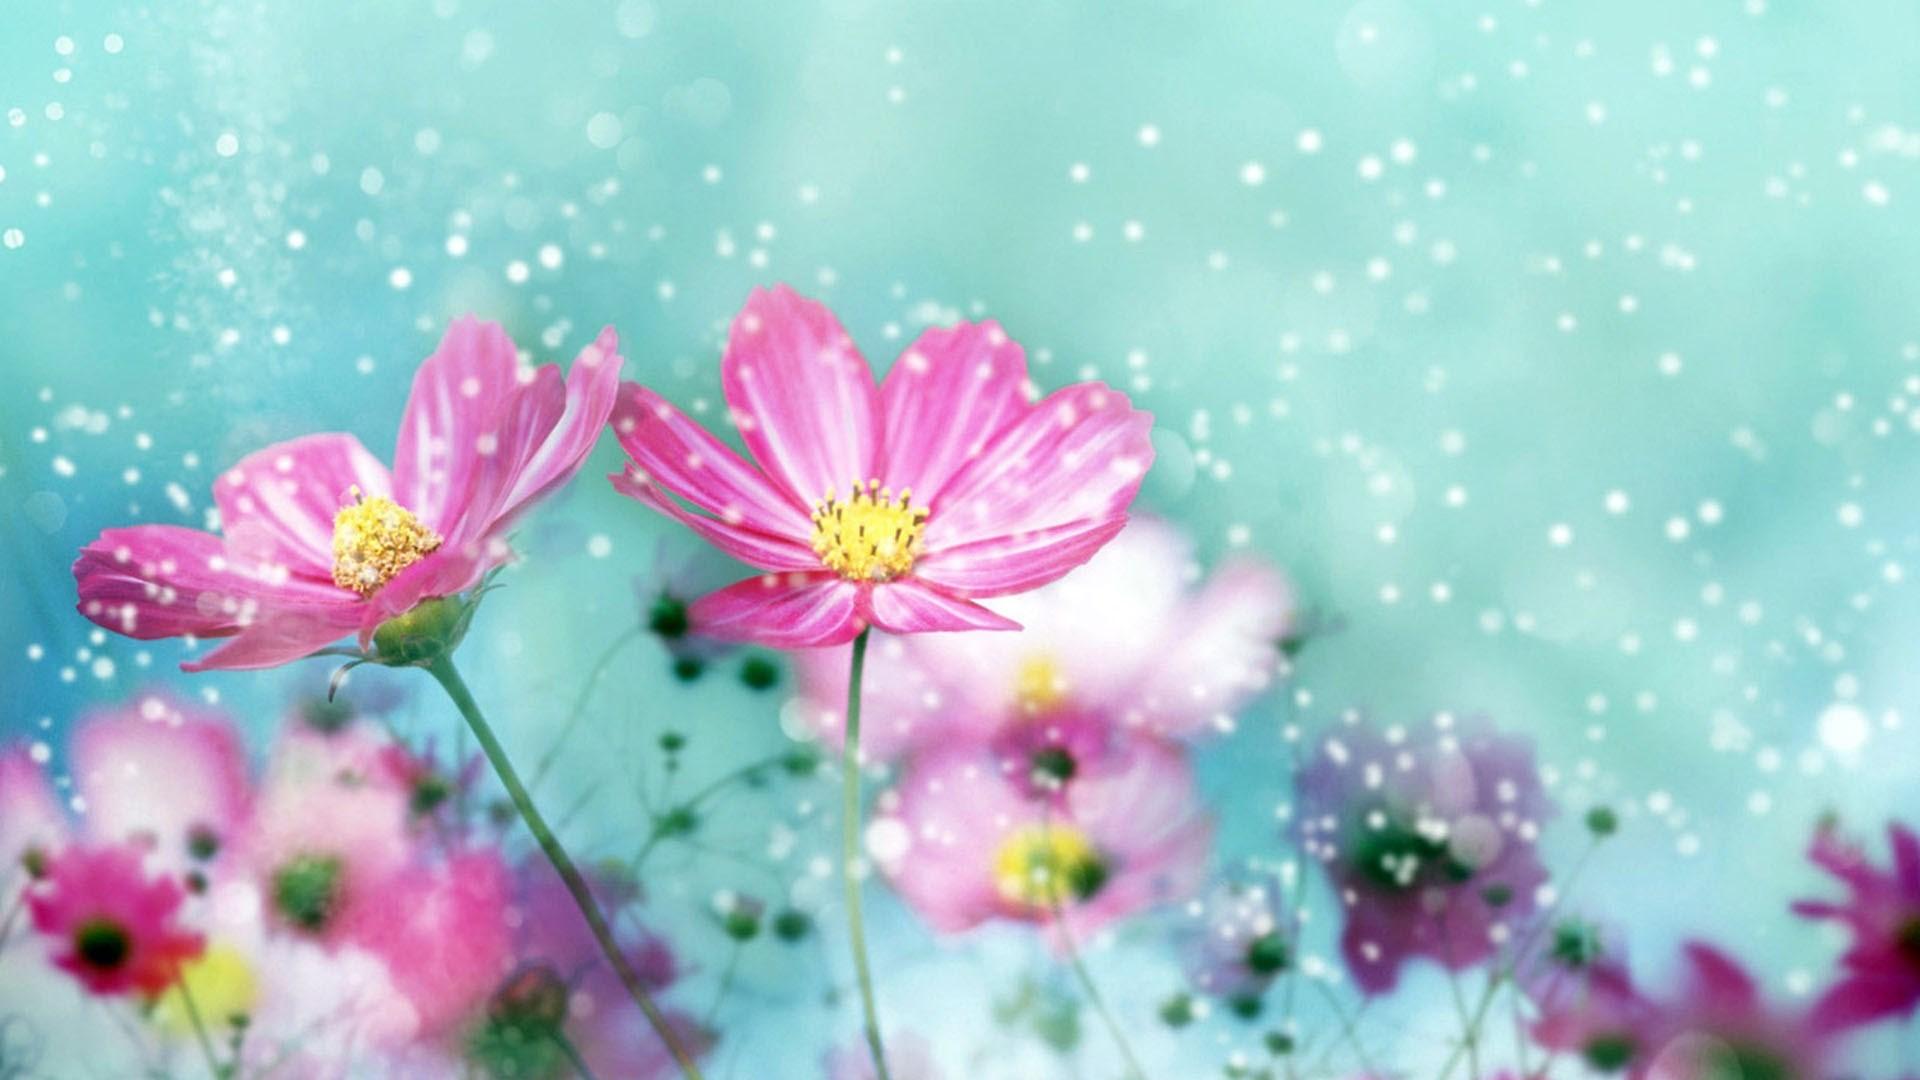 Обои для рабочего стола осенние цветы   скачать бесплатно (23)